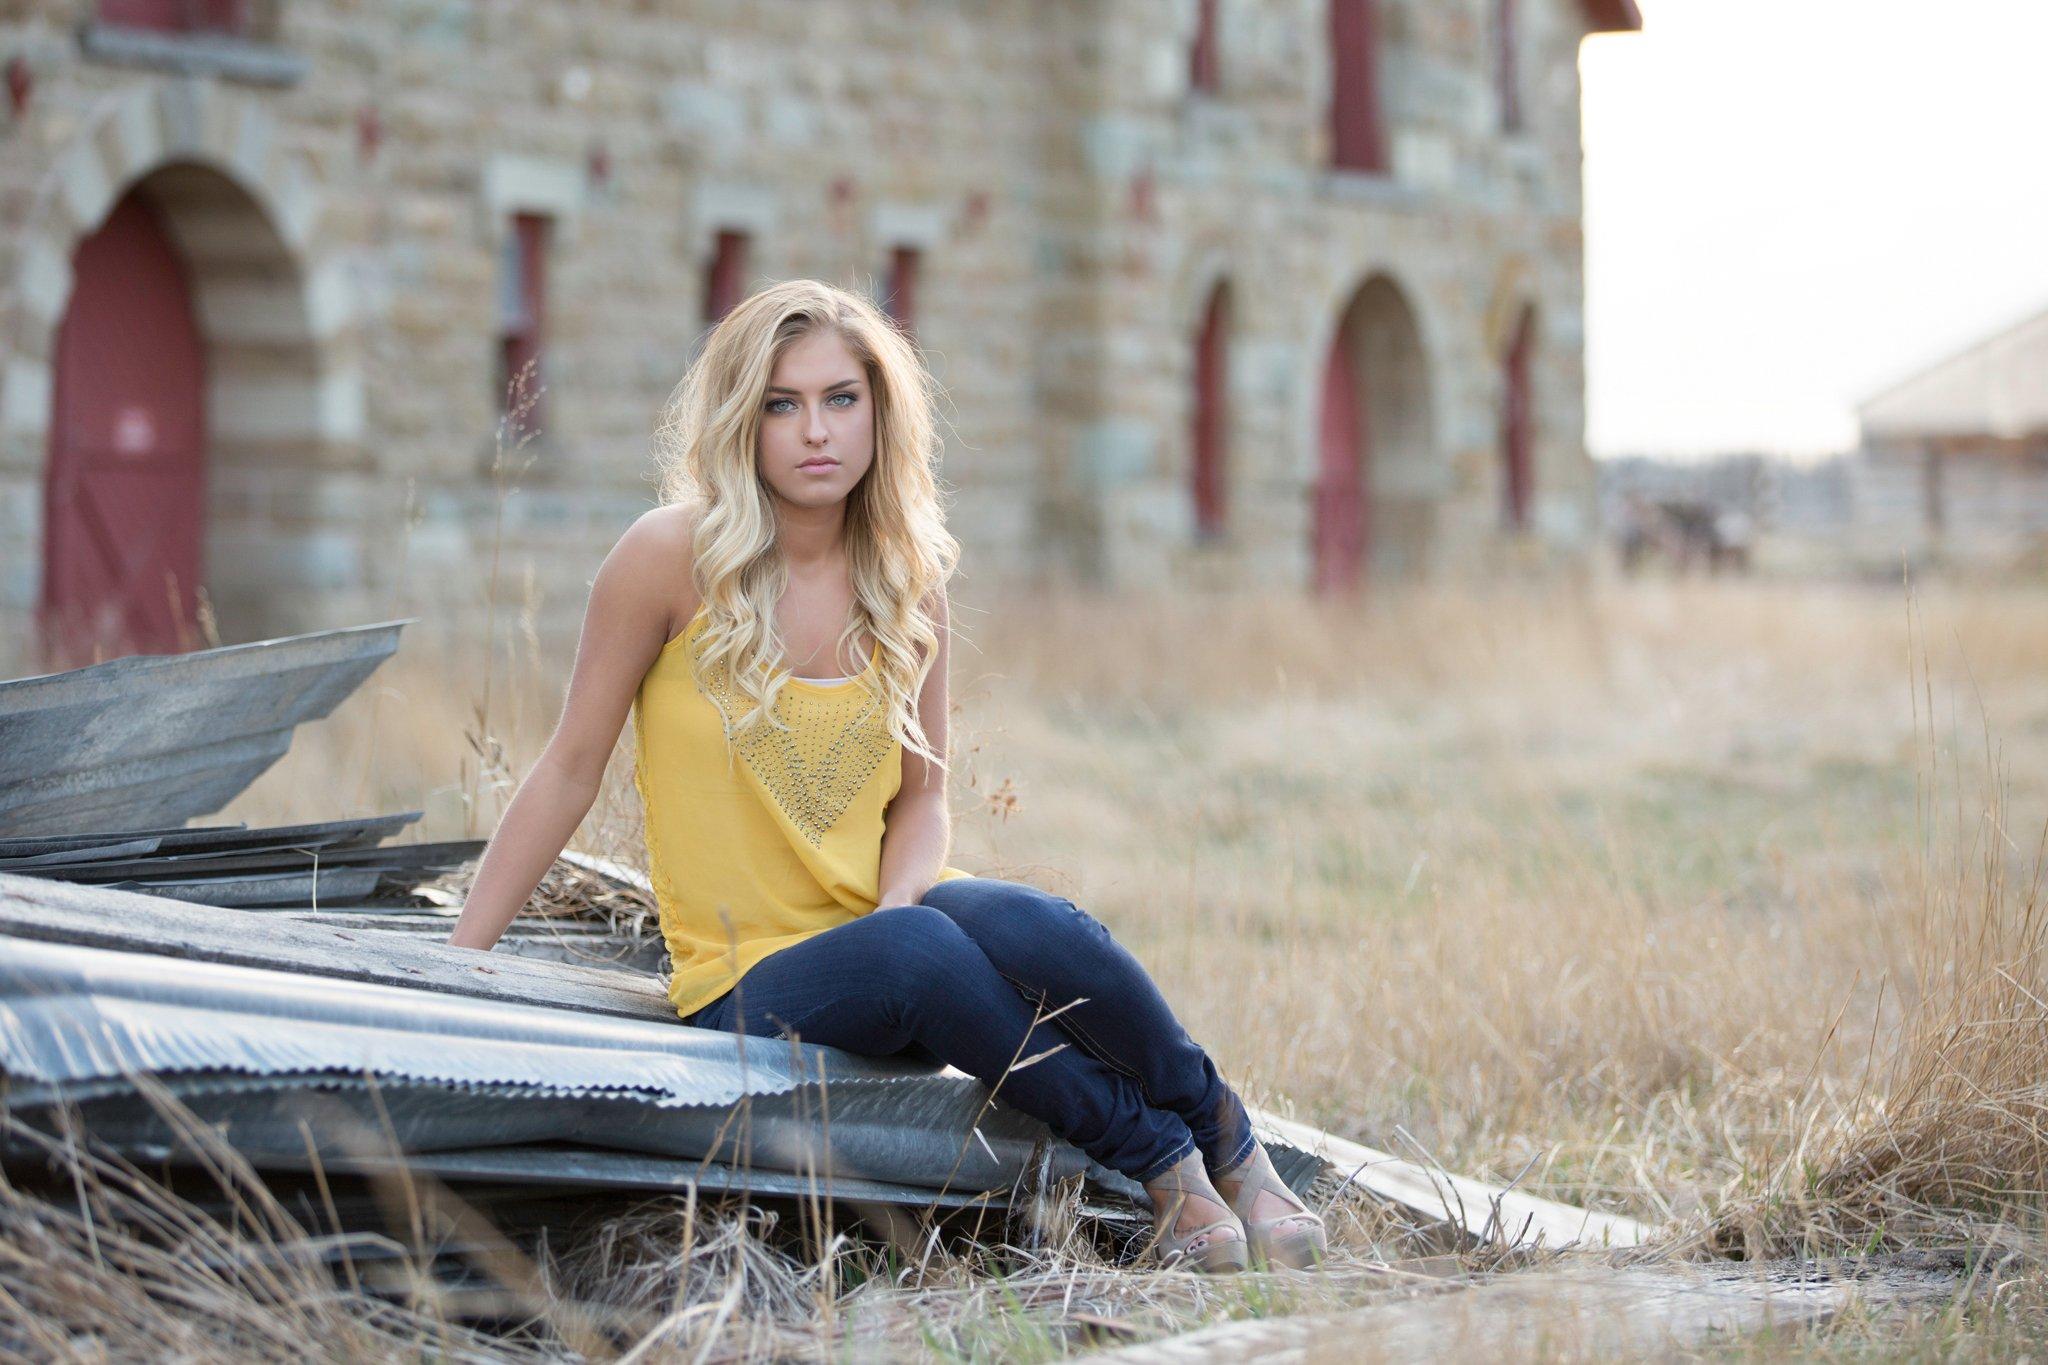 Uso del preajuste automático de balance de blancos en la foto de una mujer rubia con camisa amarilla y jeans